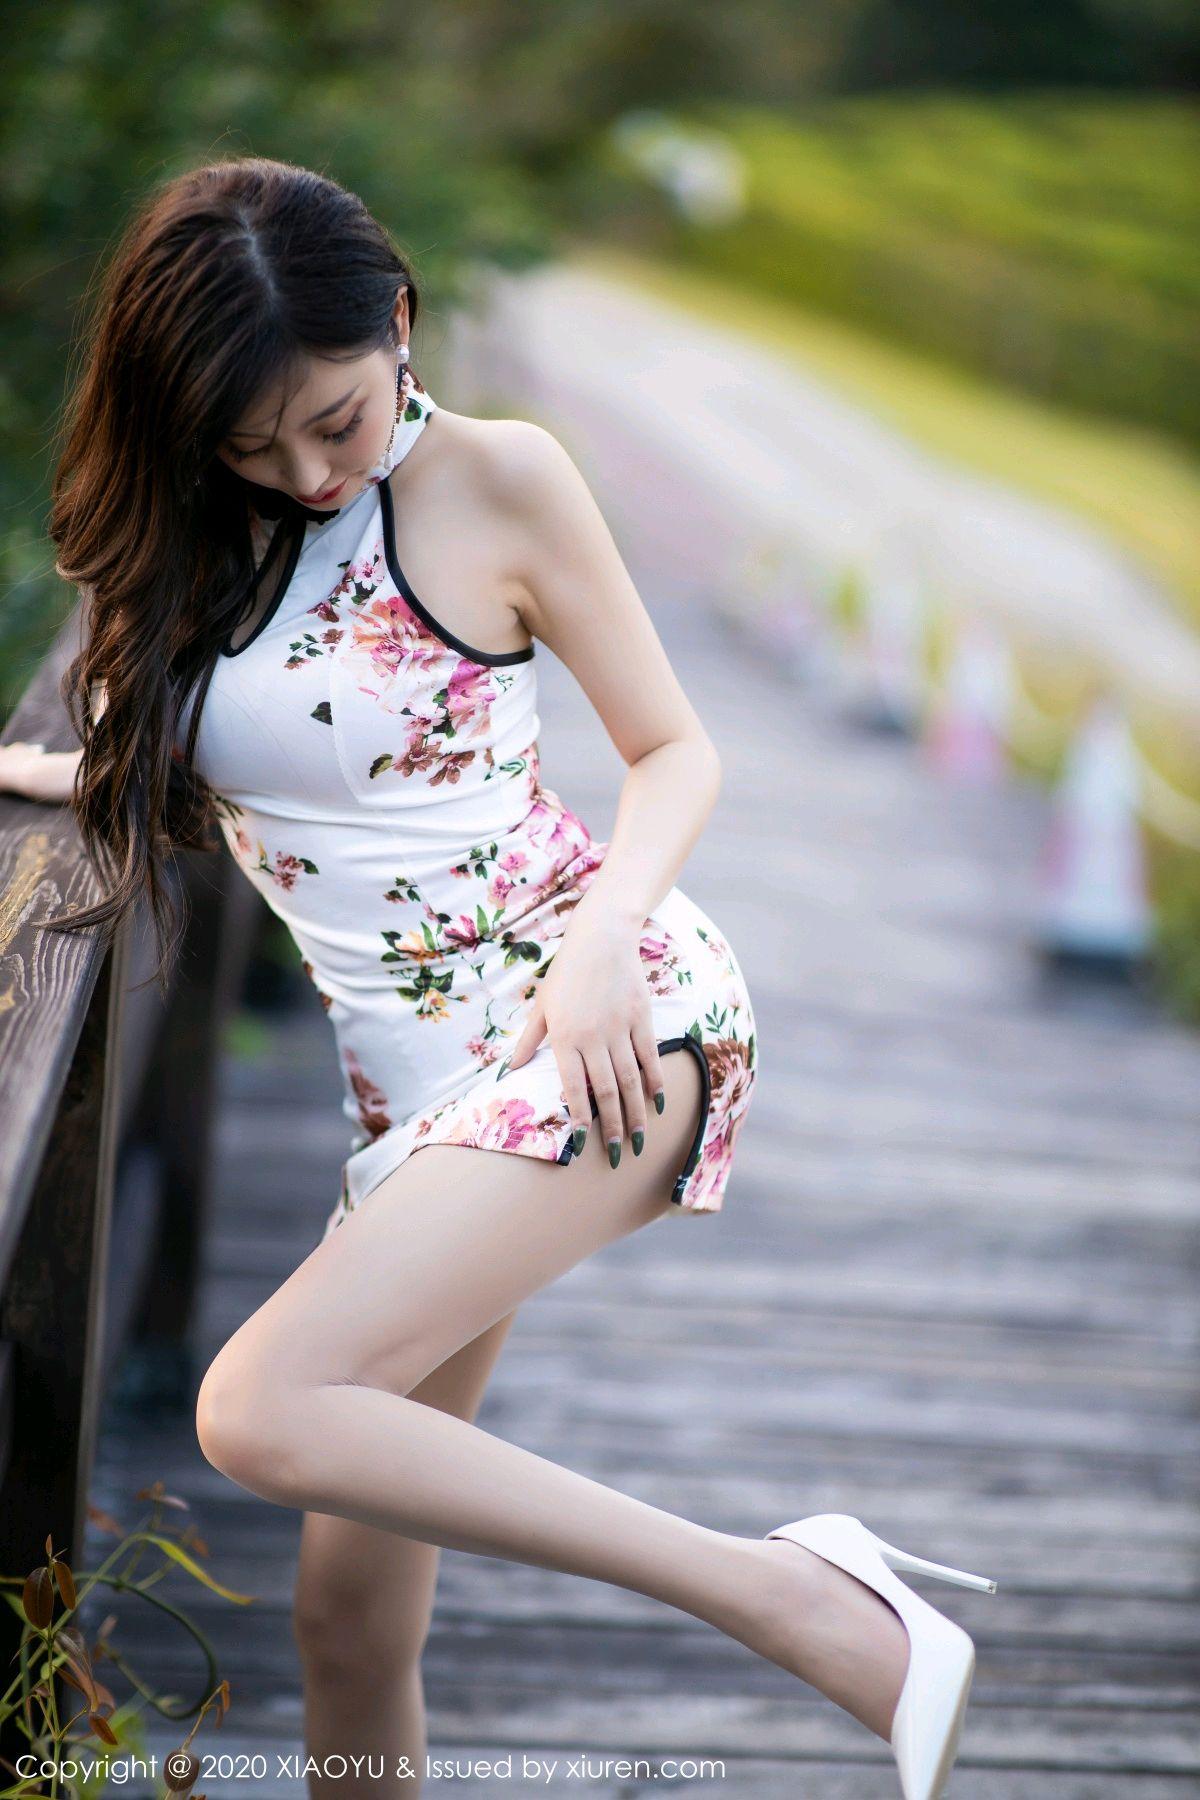 [XiaoYu] Vol.233 Yang Chen Chen 84P, Cheongsam, Foot, XiaoYu, Yang Chen Chen